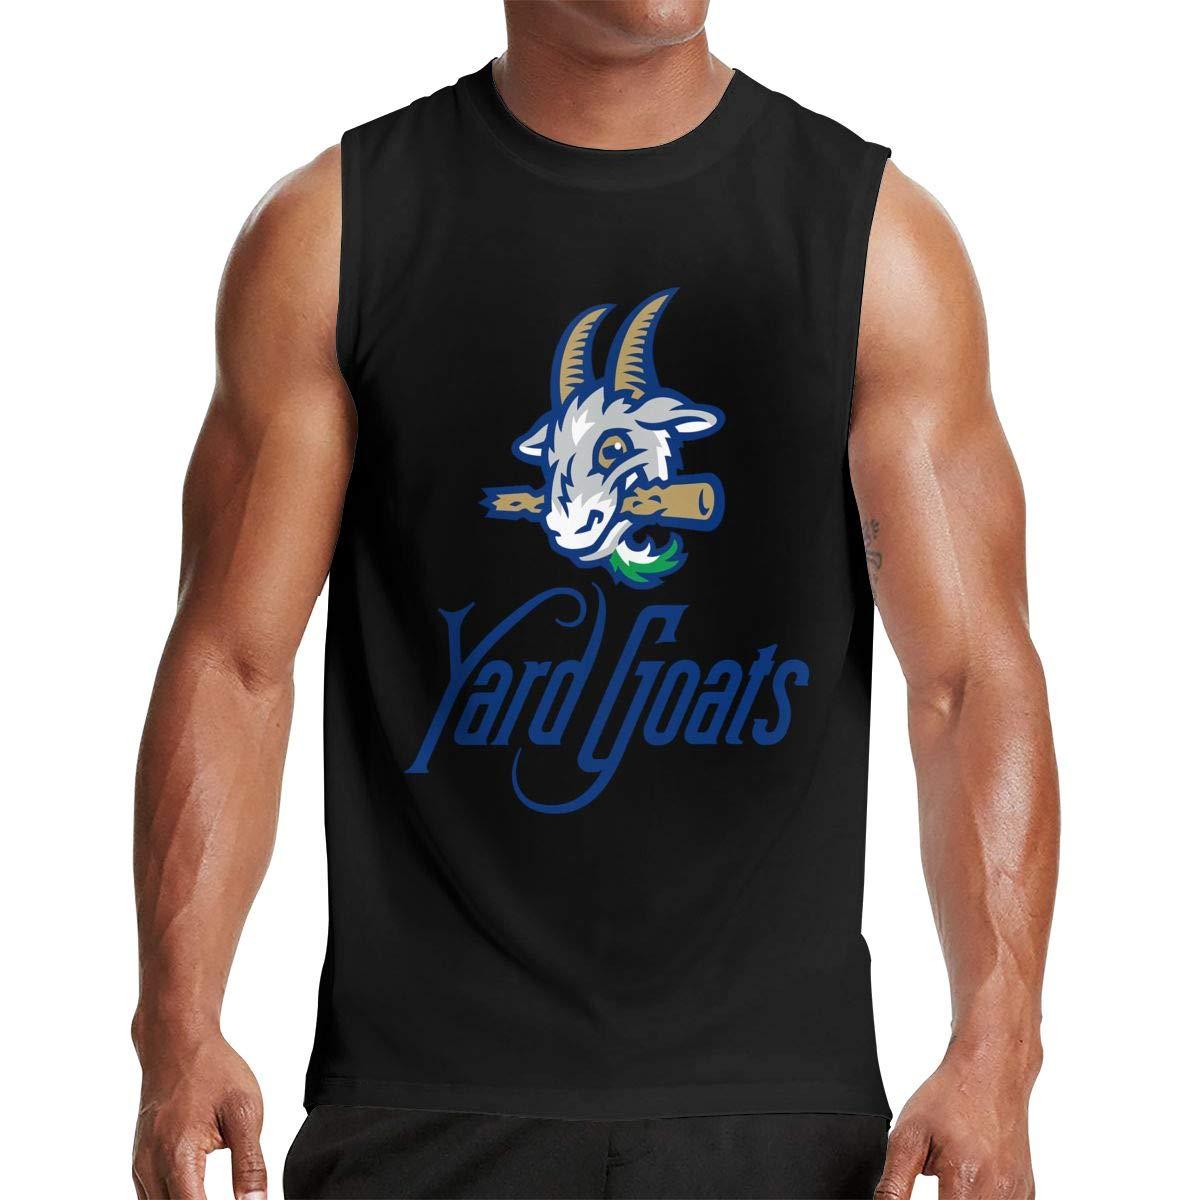 Thomlarryca Hartford Yard Goats Baseball S Gym Muscle T Shirt Classic Athletic Sleevel